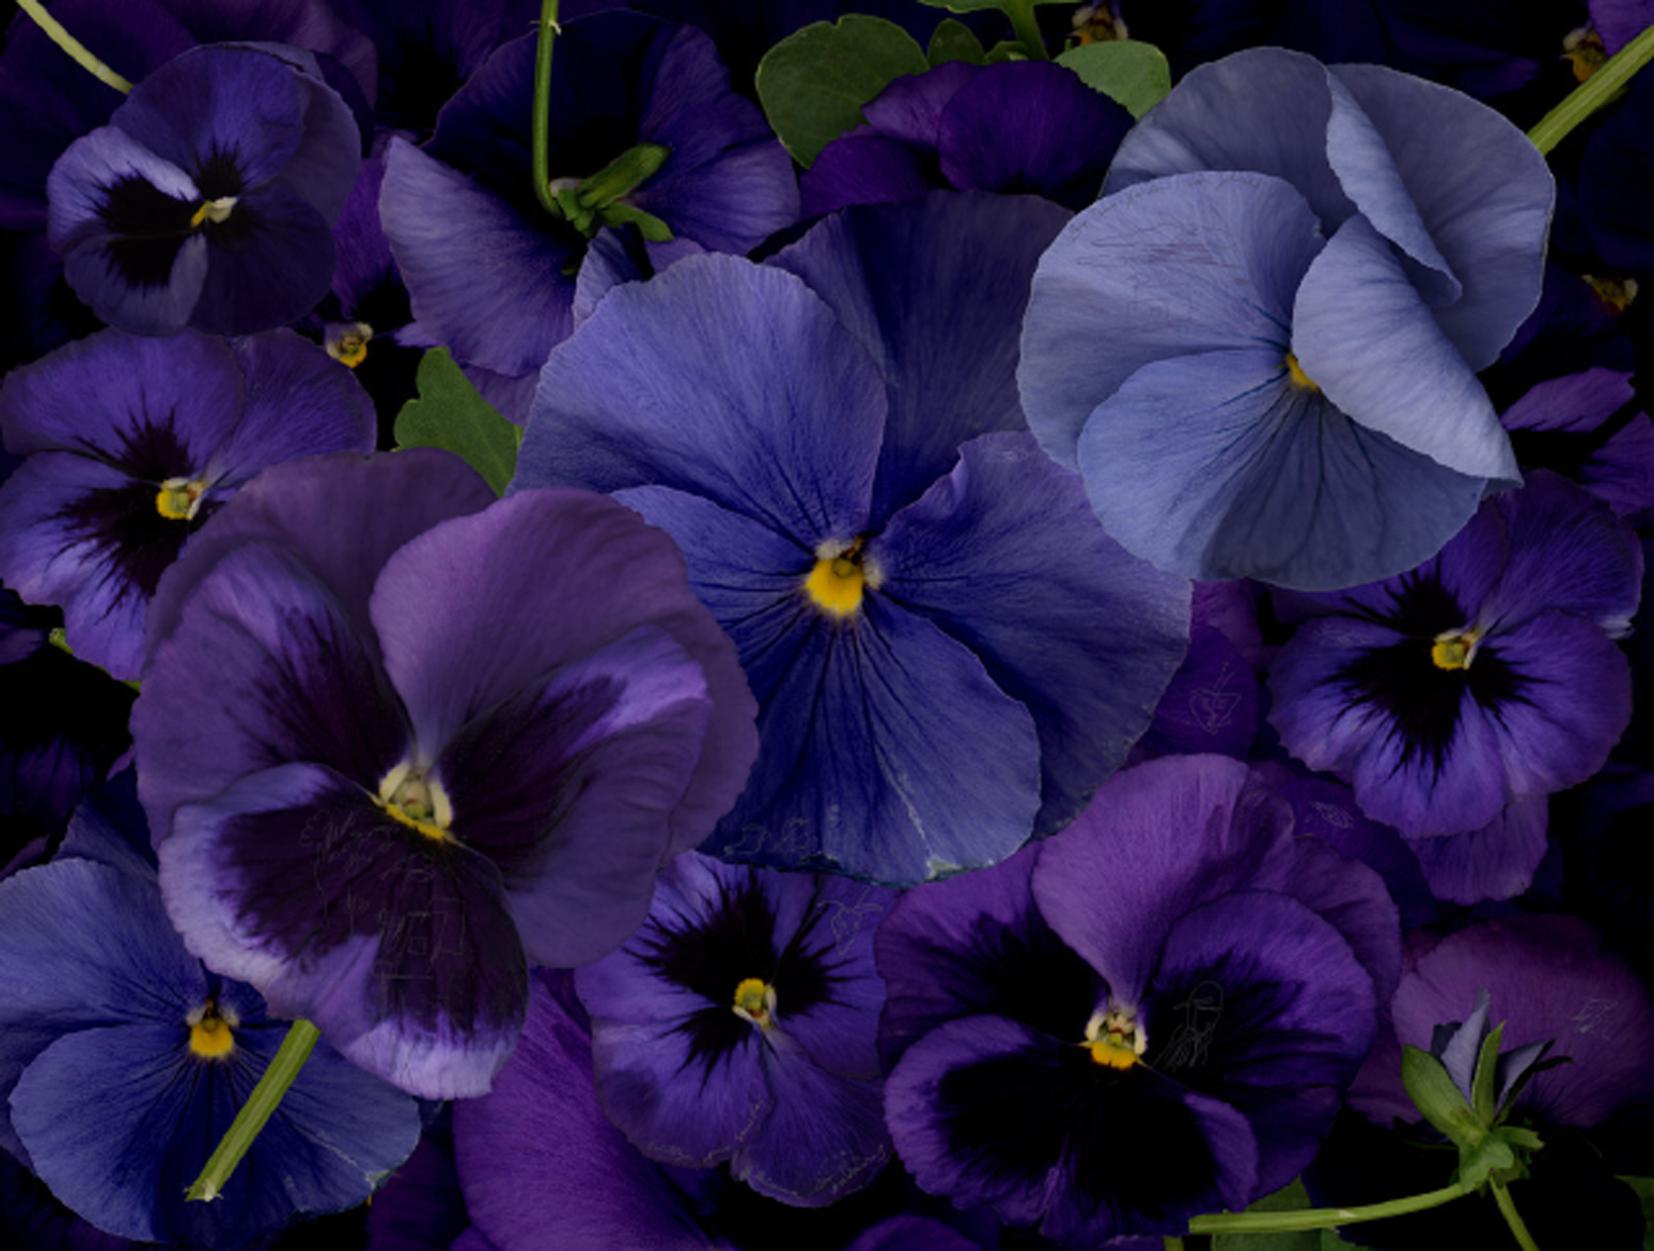 De mi jardín sin flores